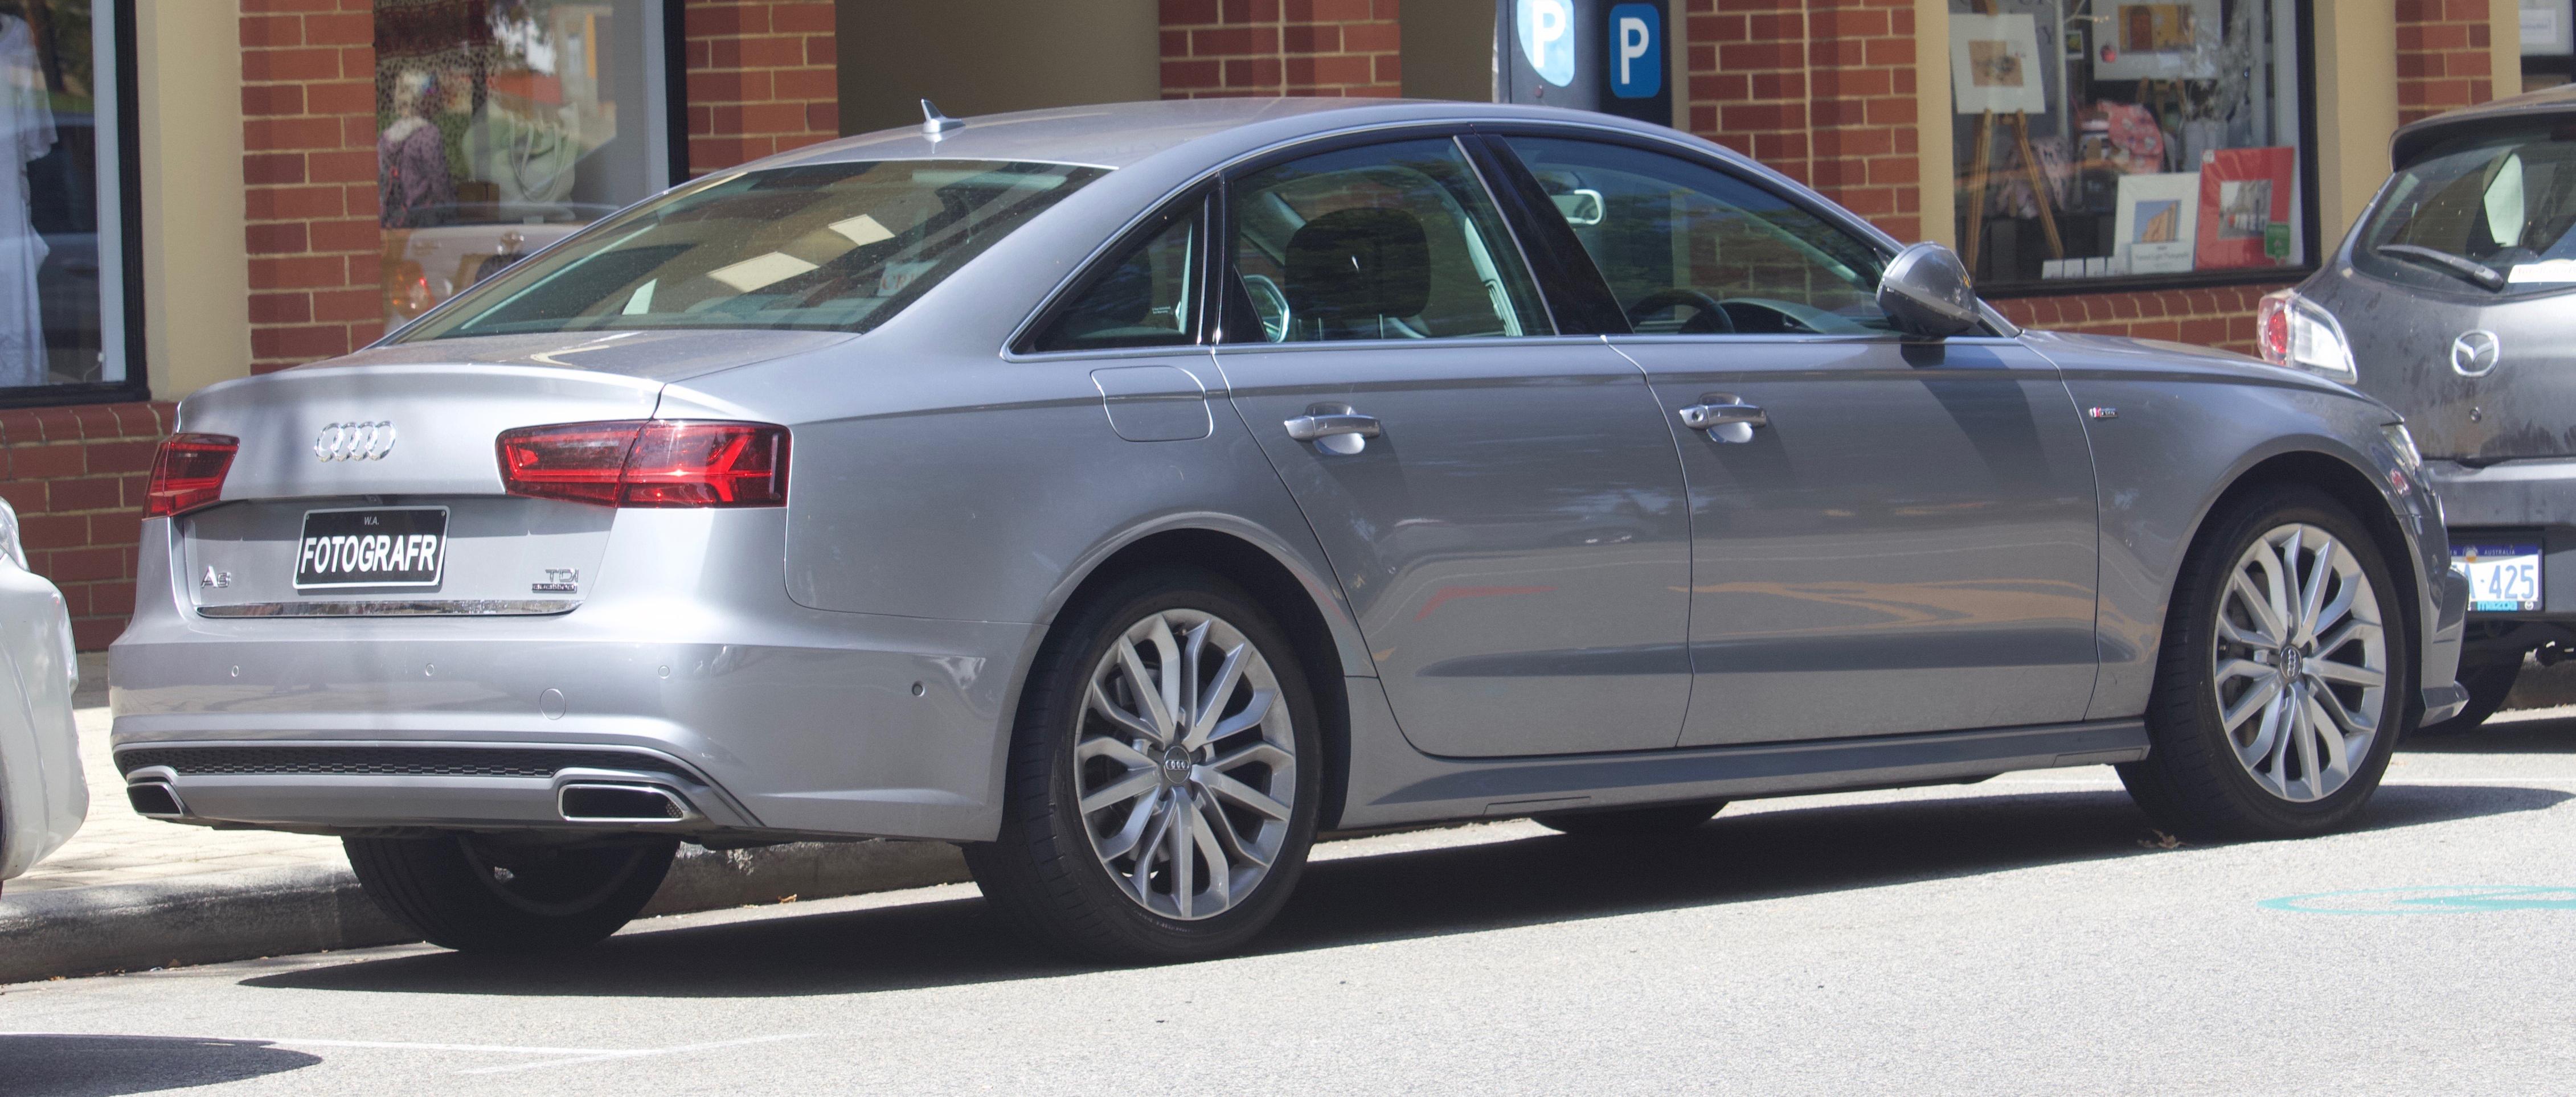 Kelebihan Audi 4G Top Model Tahun Ini